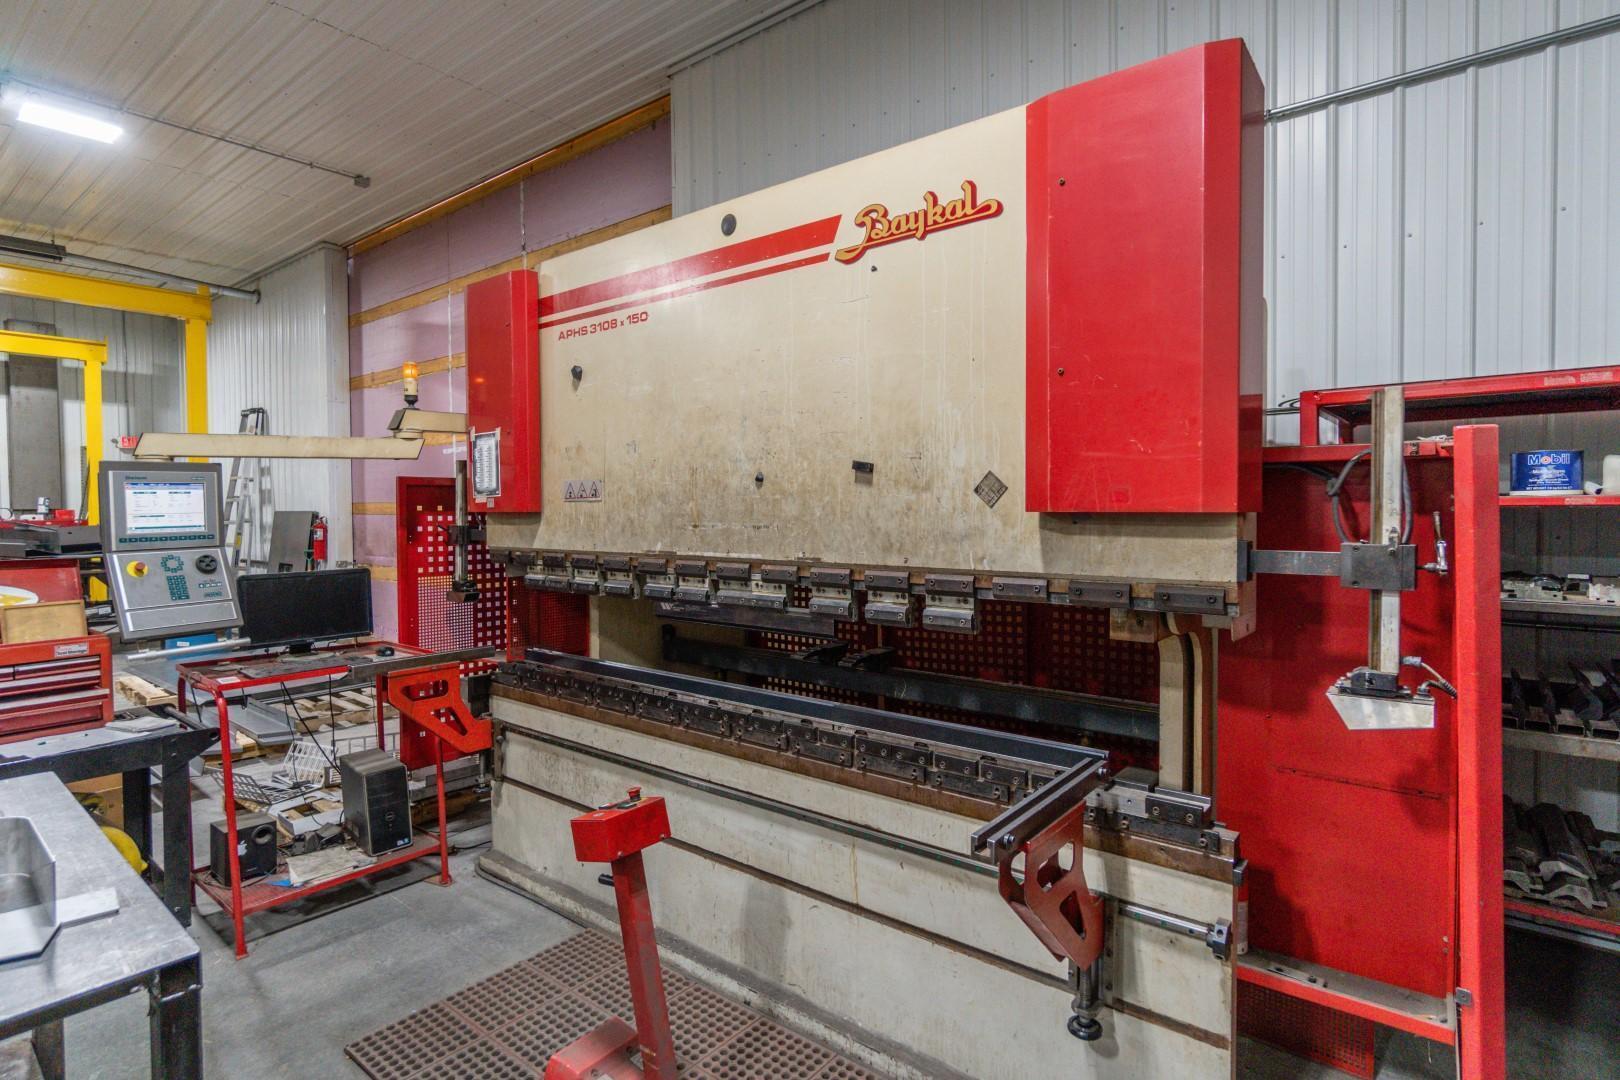 2006 Baykal APHS 3108x150, 10' x 150 Ton, CNC Press Brake